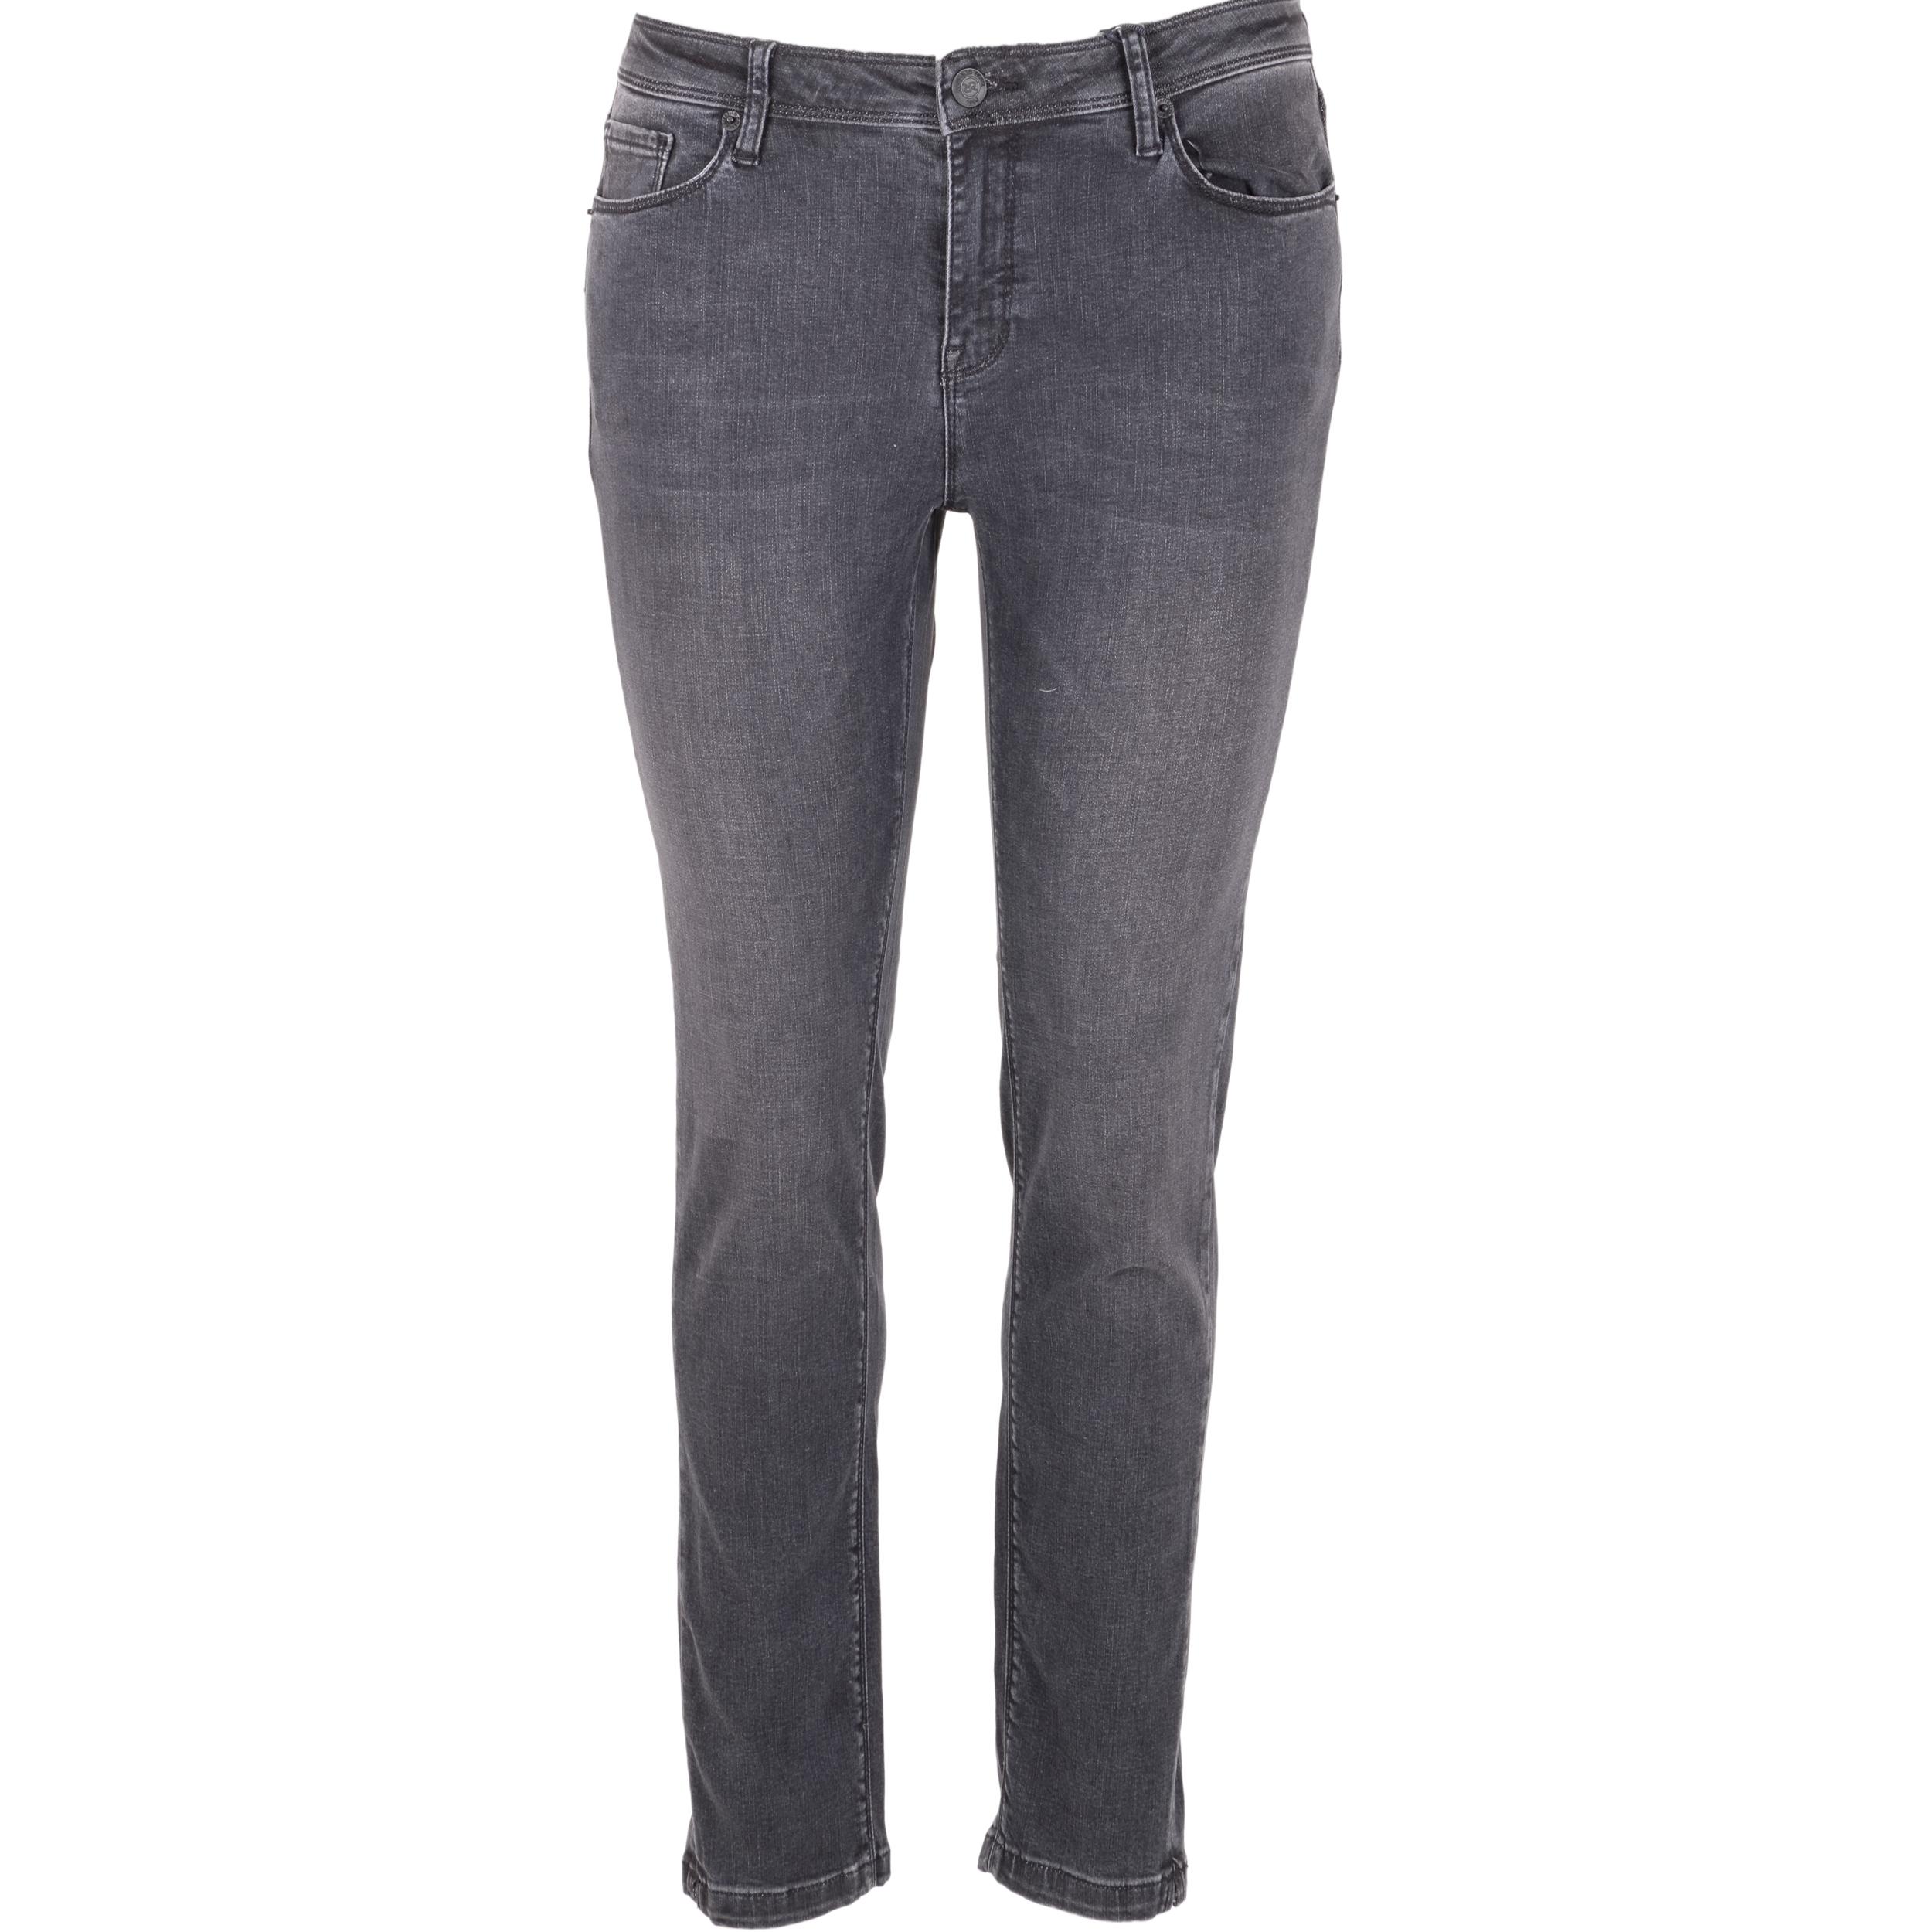 Raffaello Rossi Damen Jeans Vic - grey